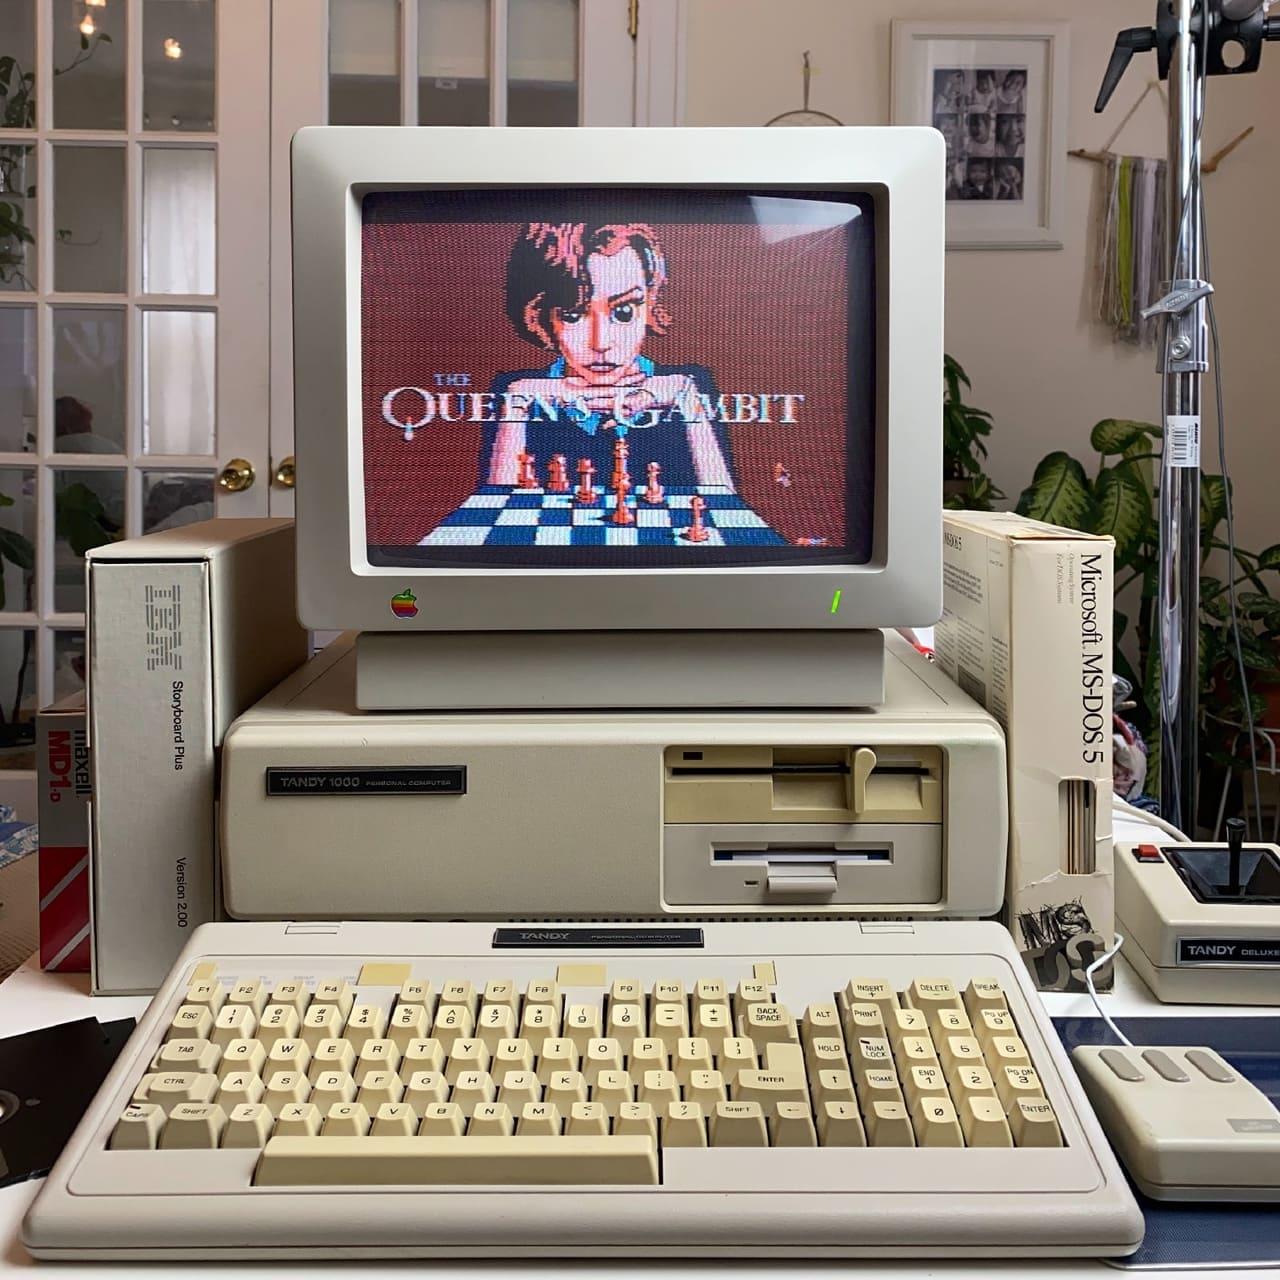 Как моглабы выглядеть игра по«Ходу королевы» наDOS в80-х